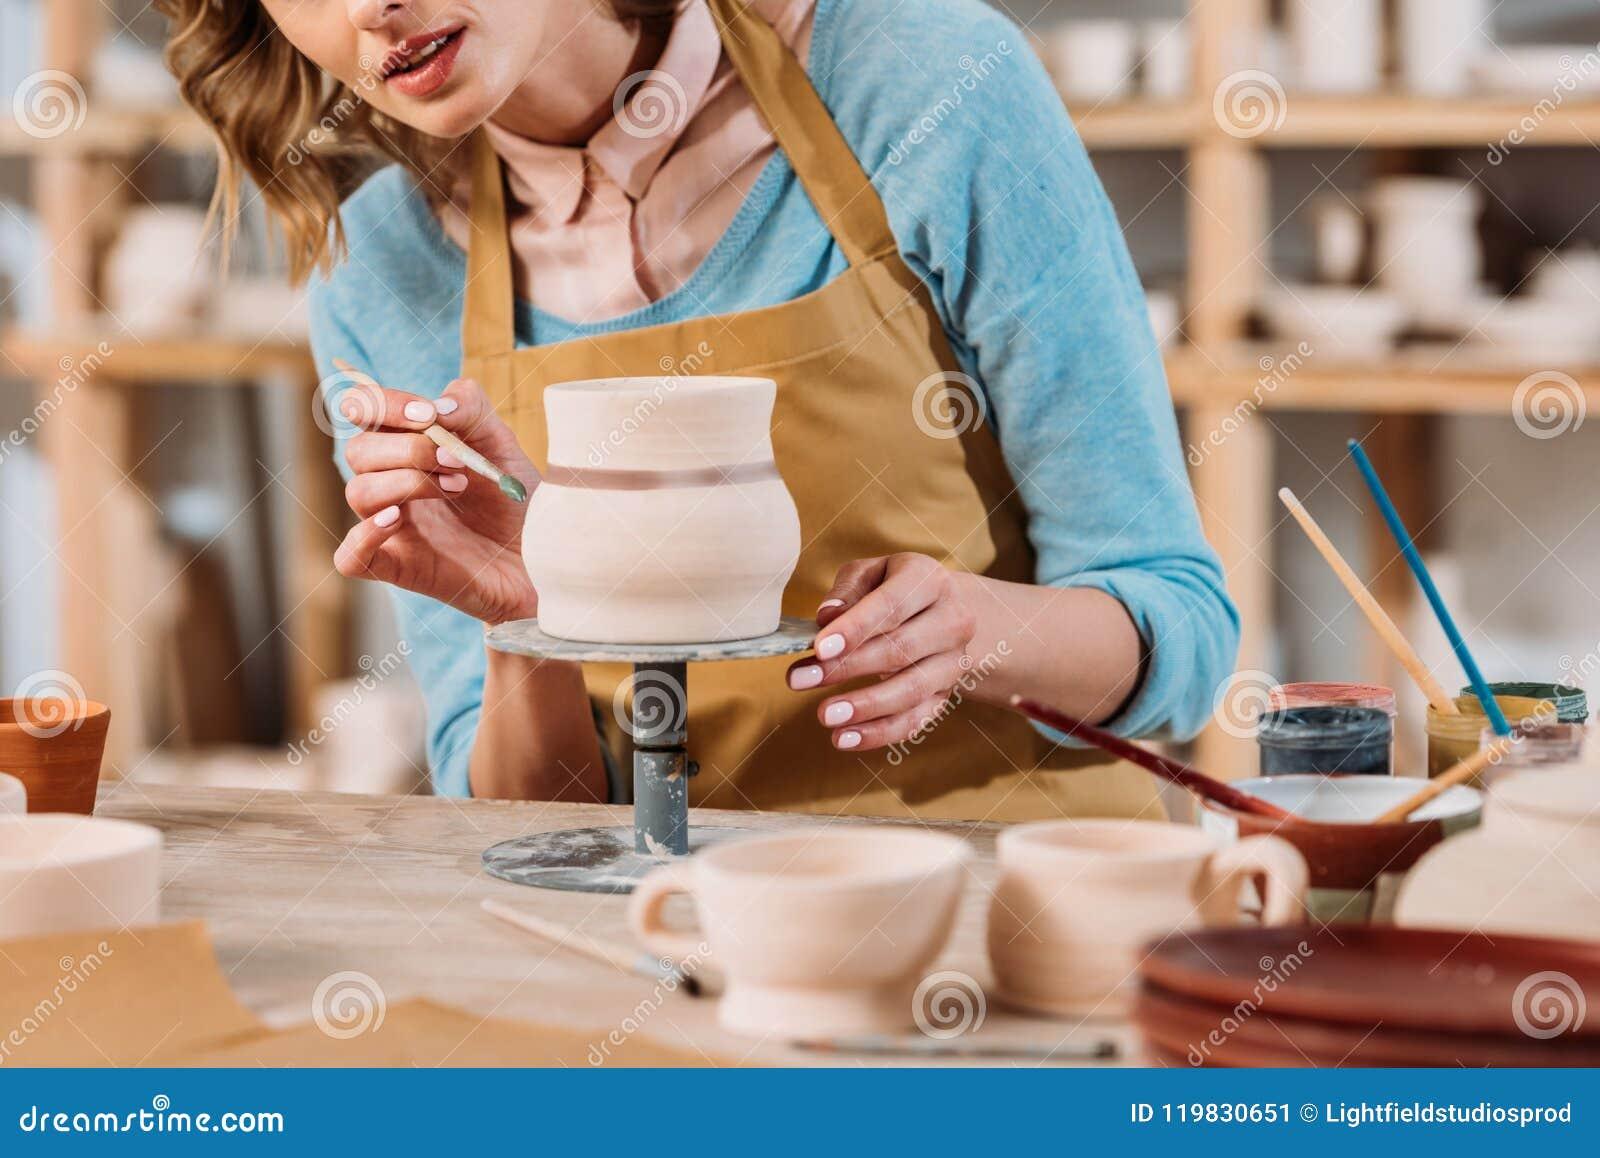 Bebouwde mening van vrouw die ceramische kruik schilderen